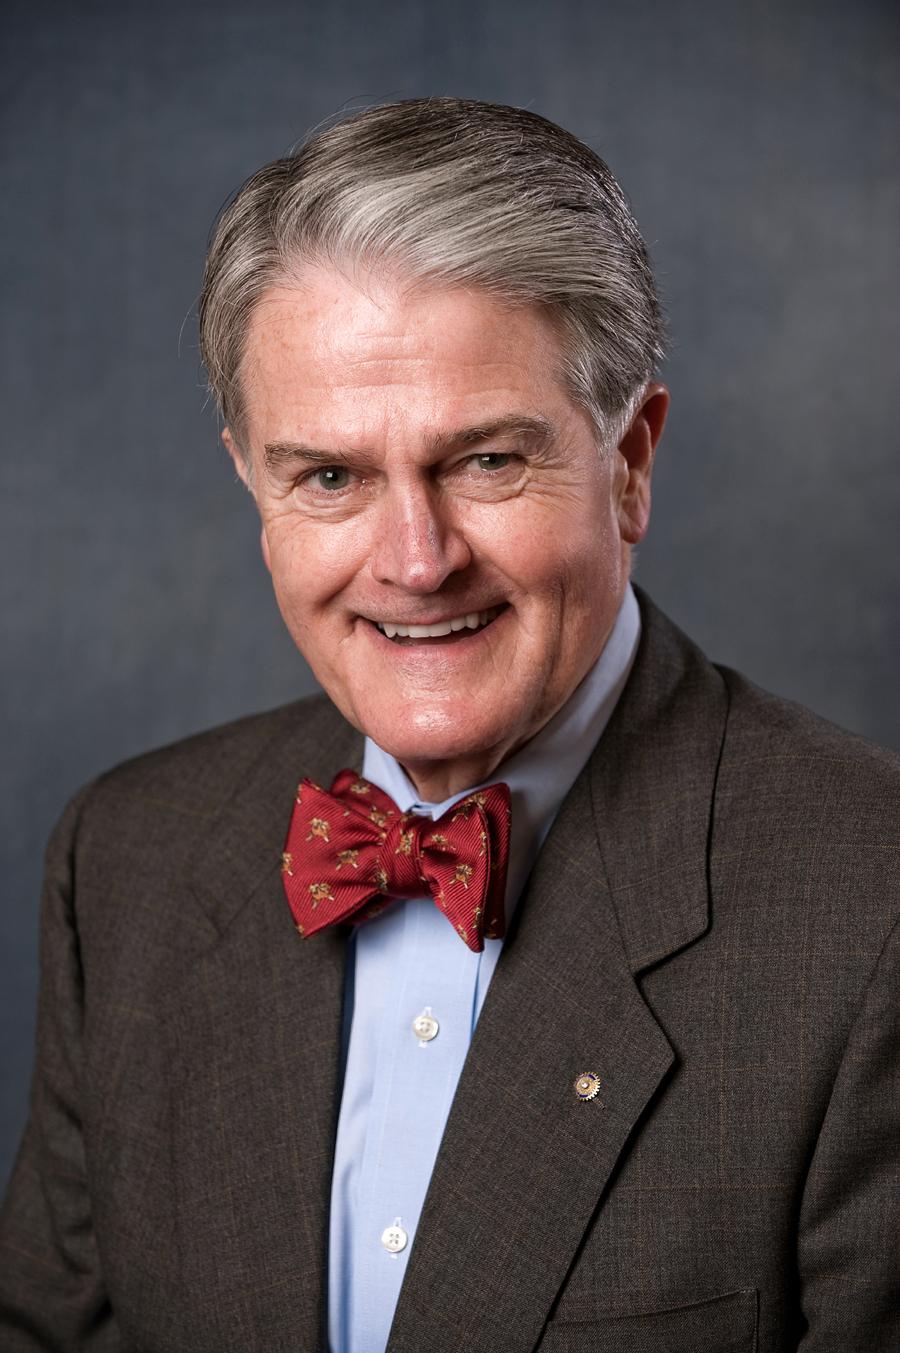 Image of Charles H. Dick, Jr.